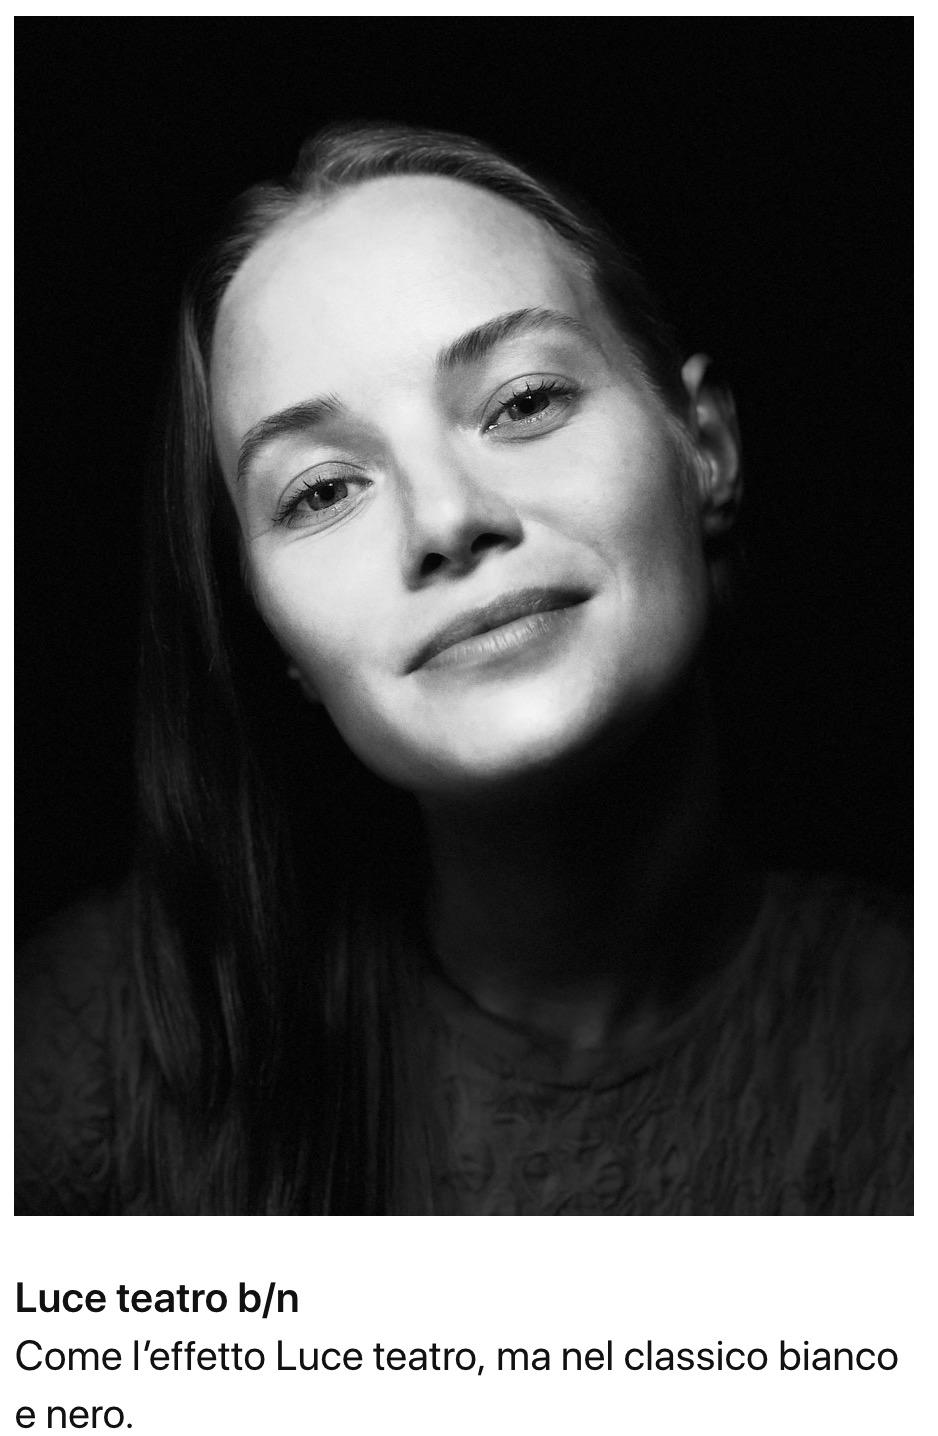 foto scattata con iphone x illuminazione ritratto luce teatro bianco e nero